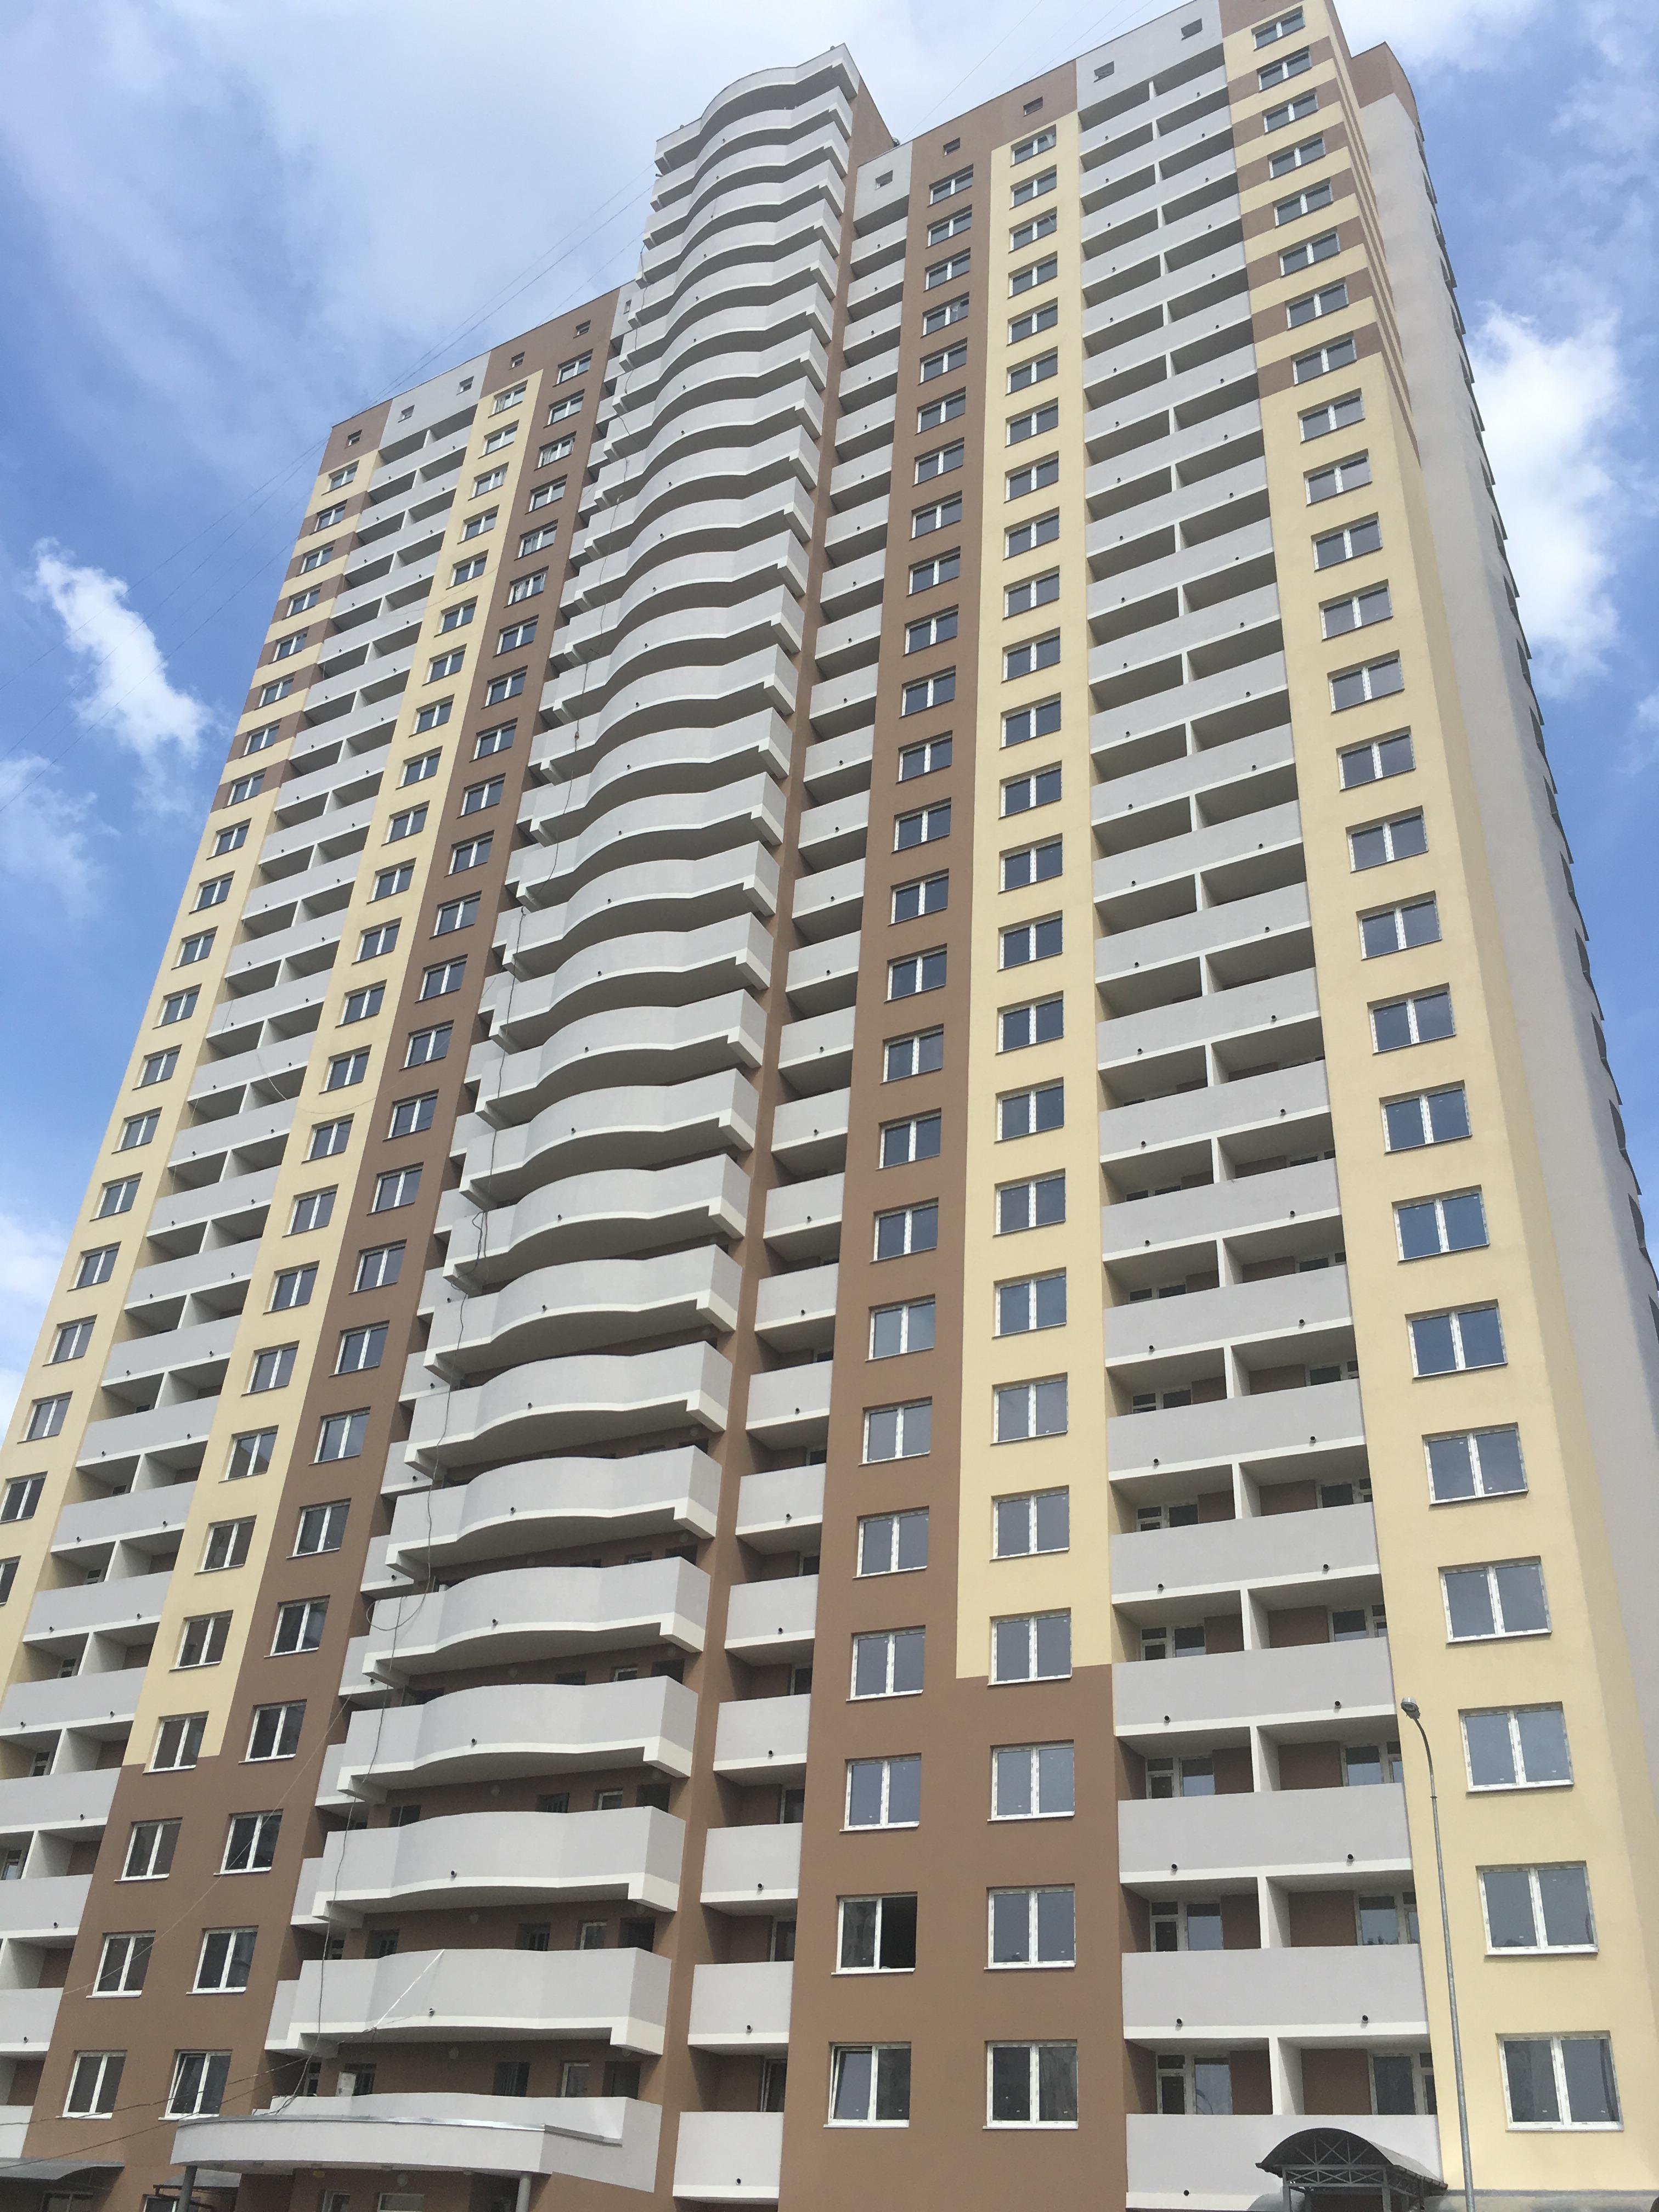 Ще один житловий будинок у м. Києві введено в експлуатацію!